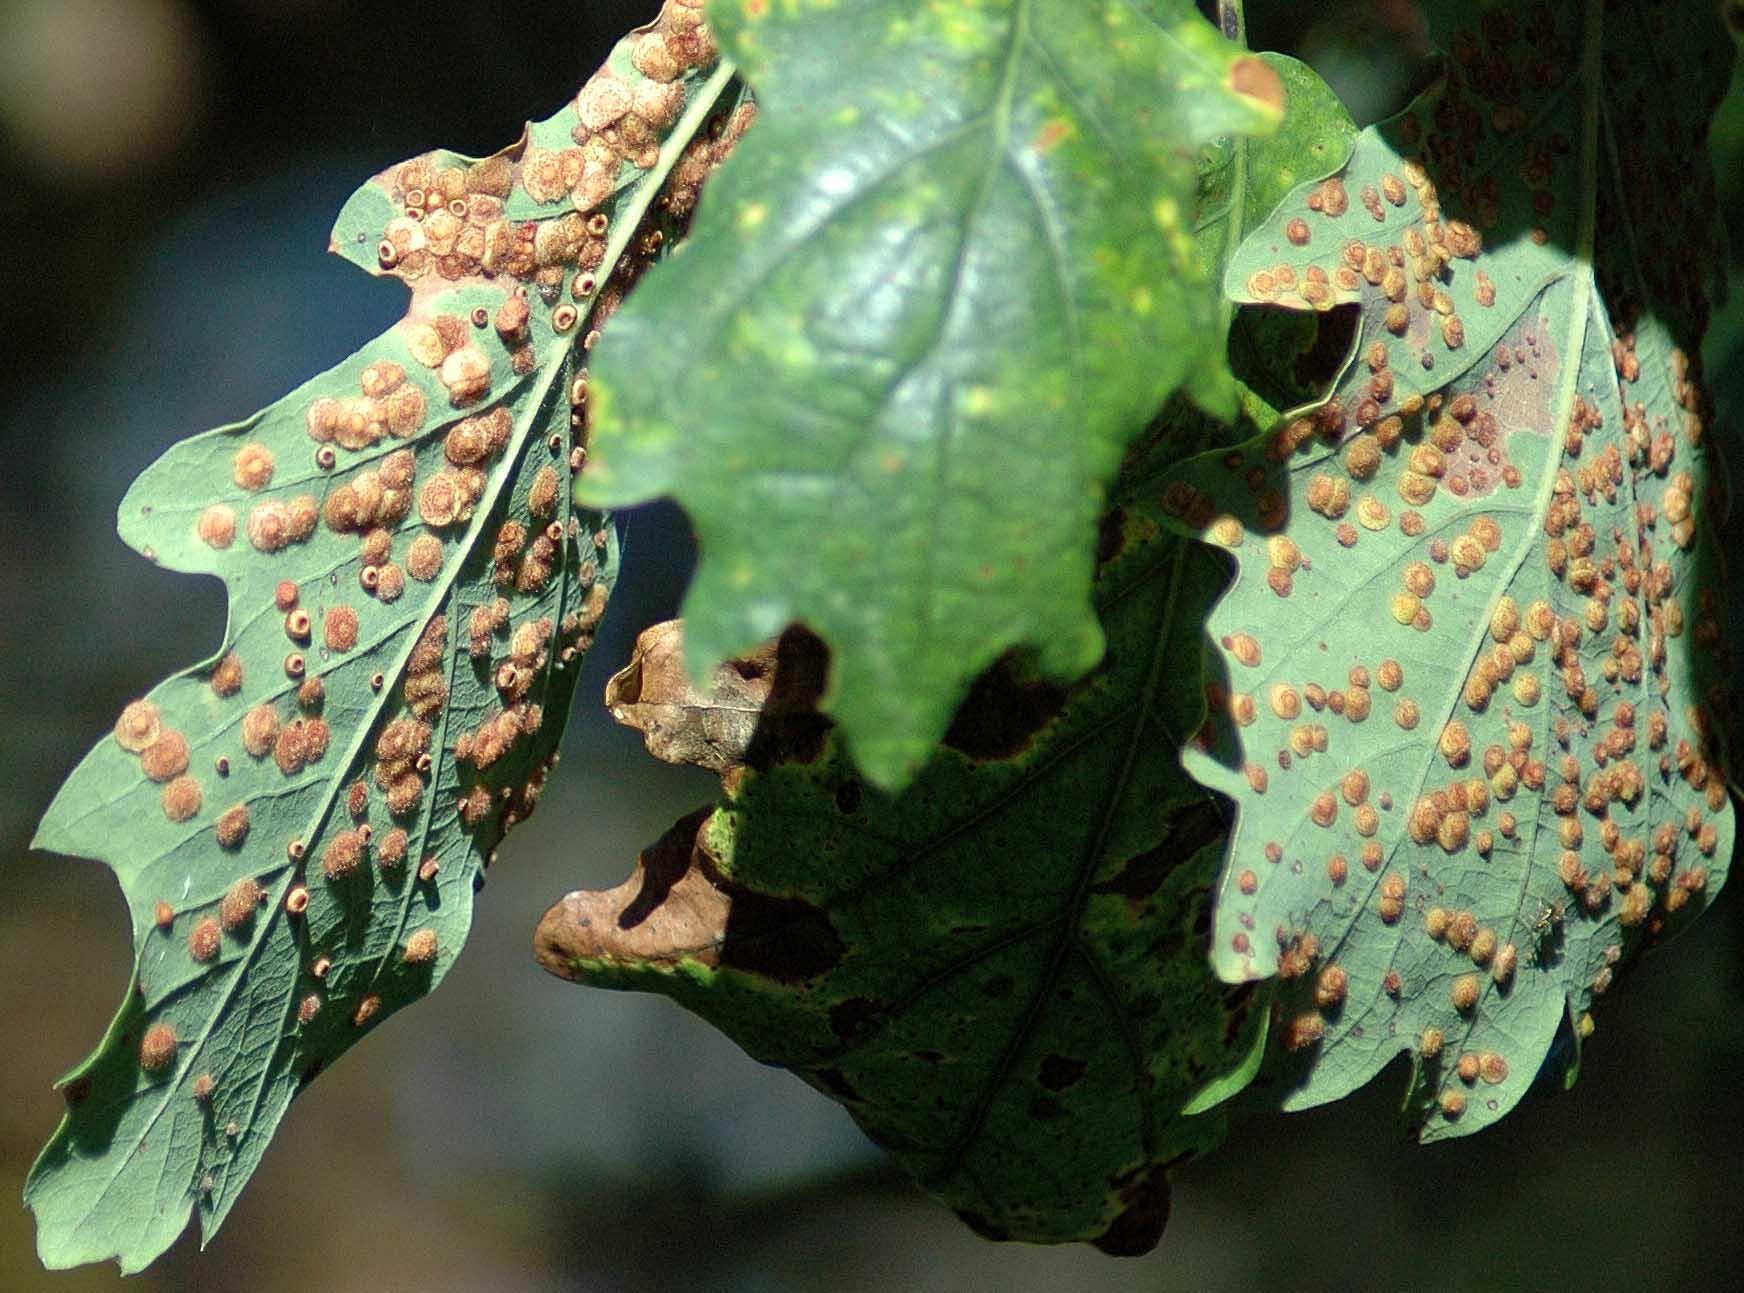 141002(17)TGNW-Bryn Euryn- Spangle galls on oak leaves